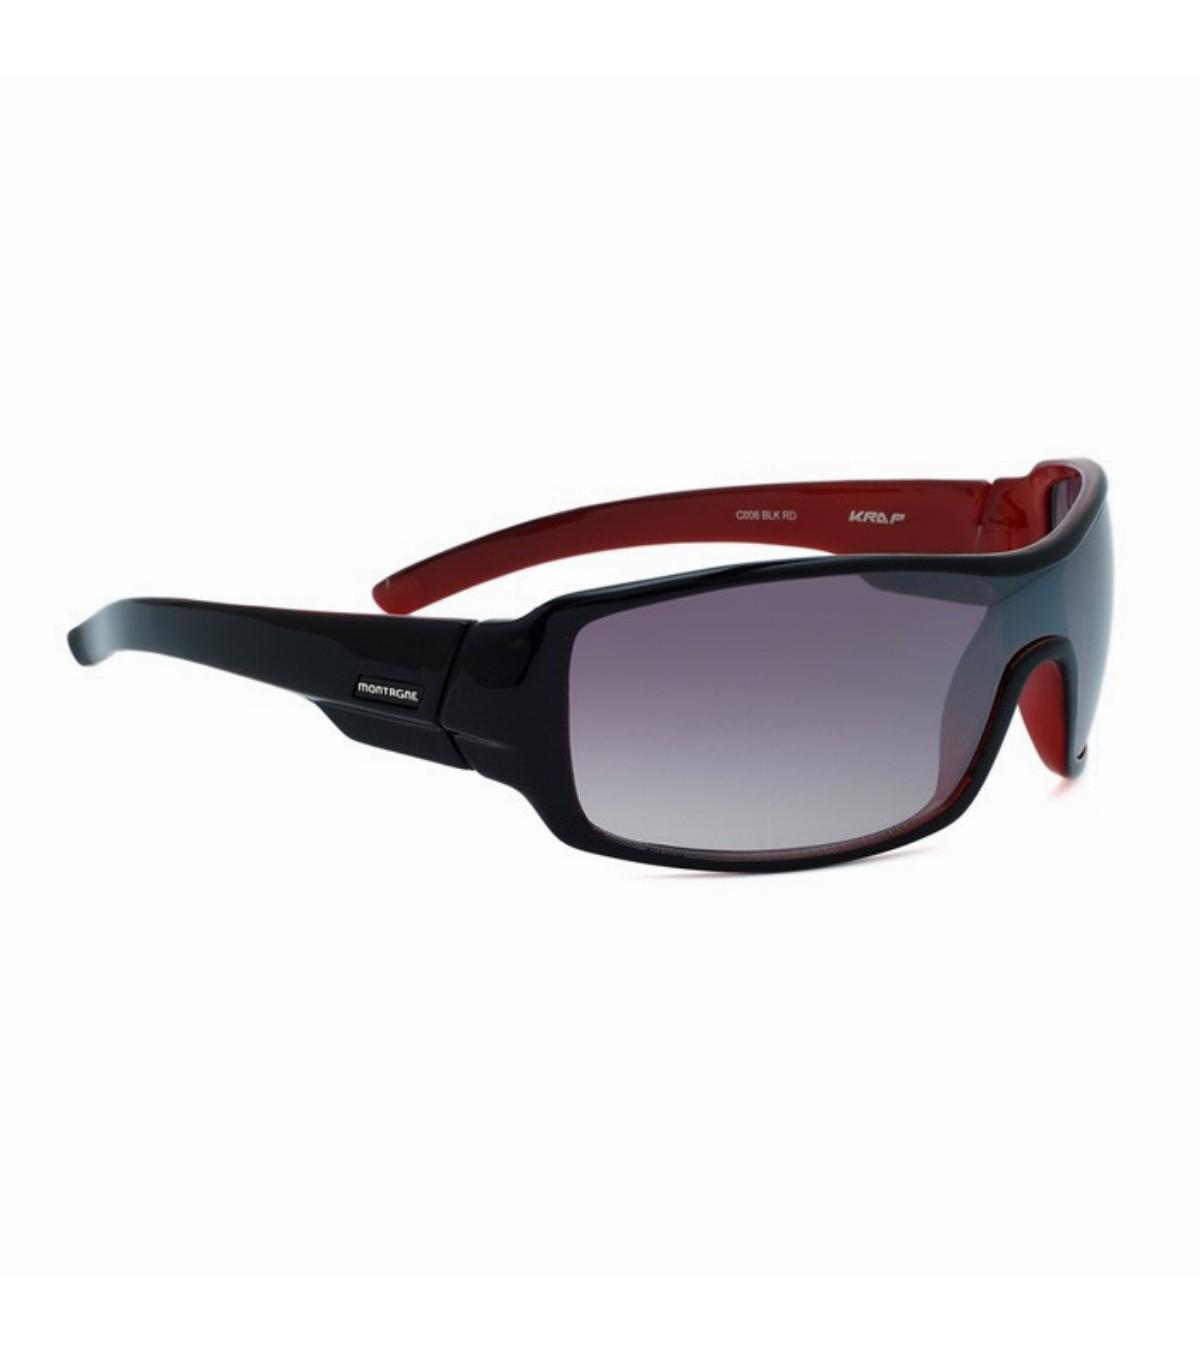 93add809a0 Montagne: gafas sol, anteojos para sol, gafas de sol, anteojos para ...